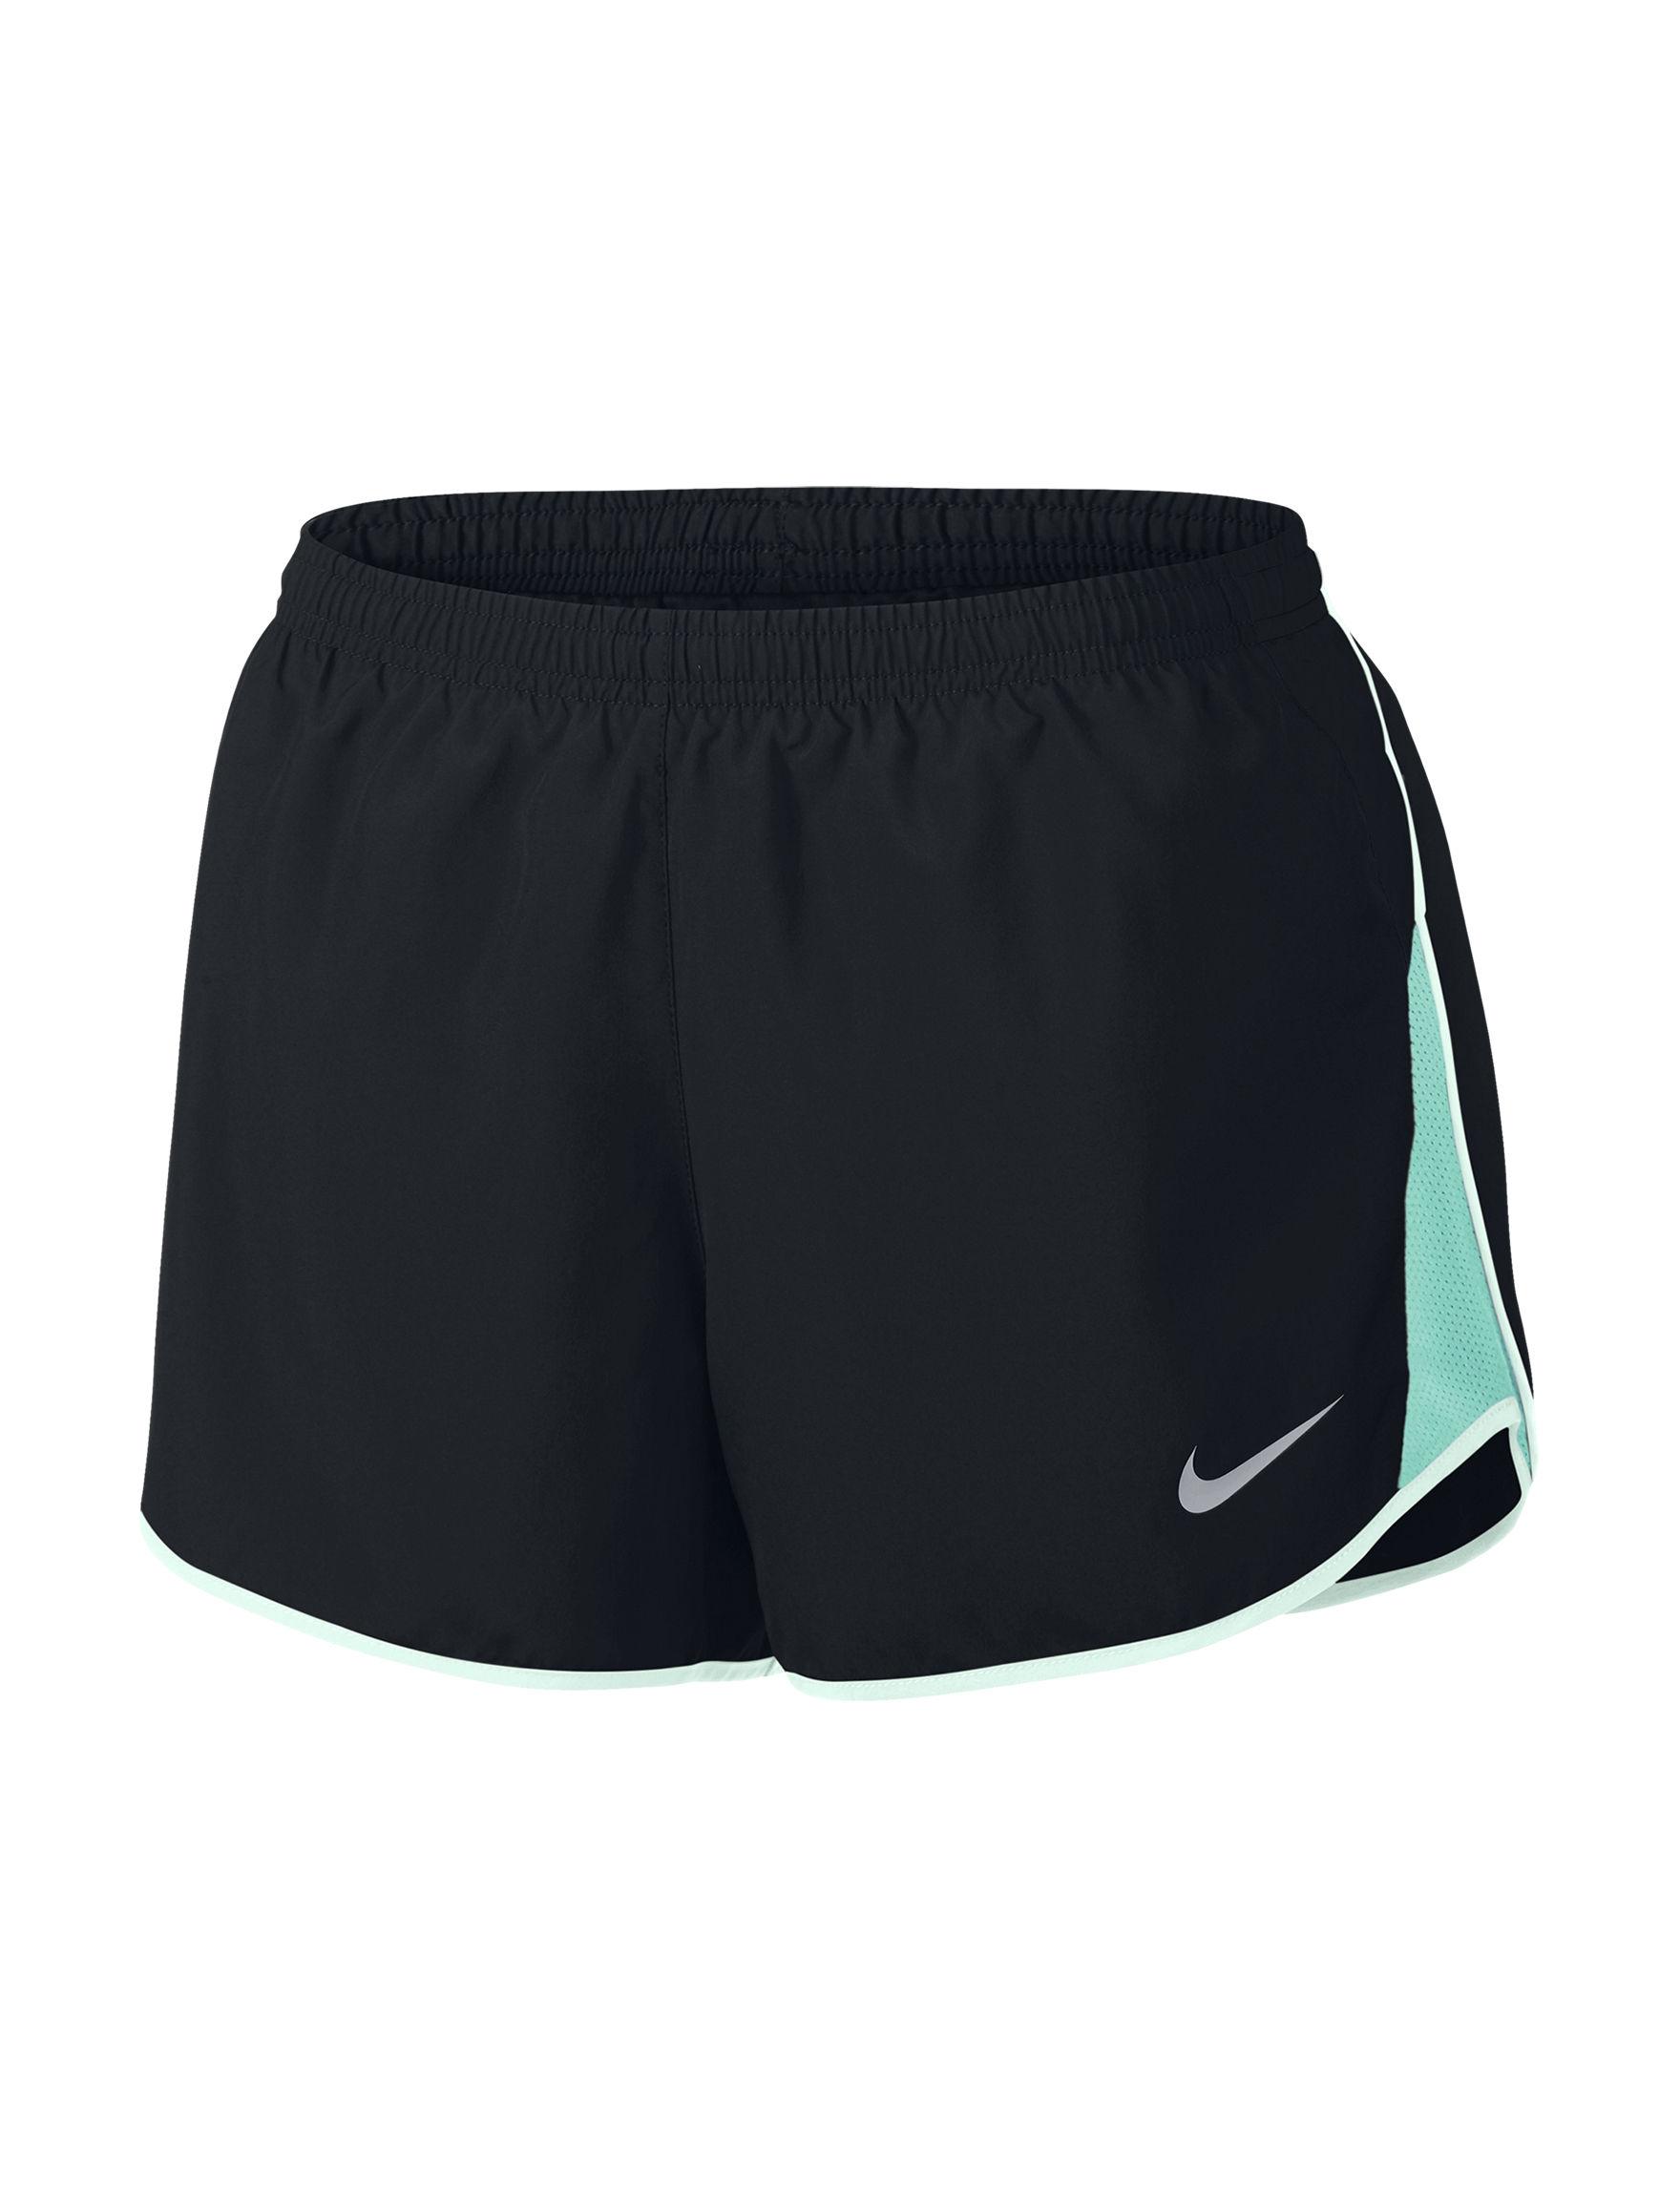 Nike Black Classic